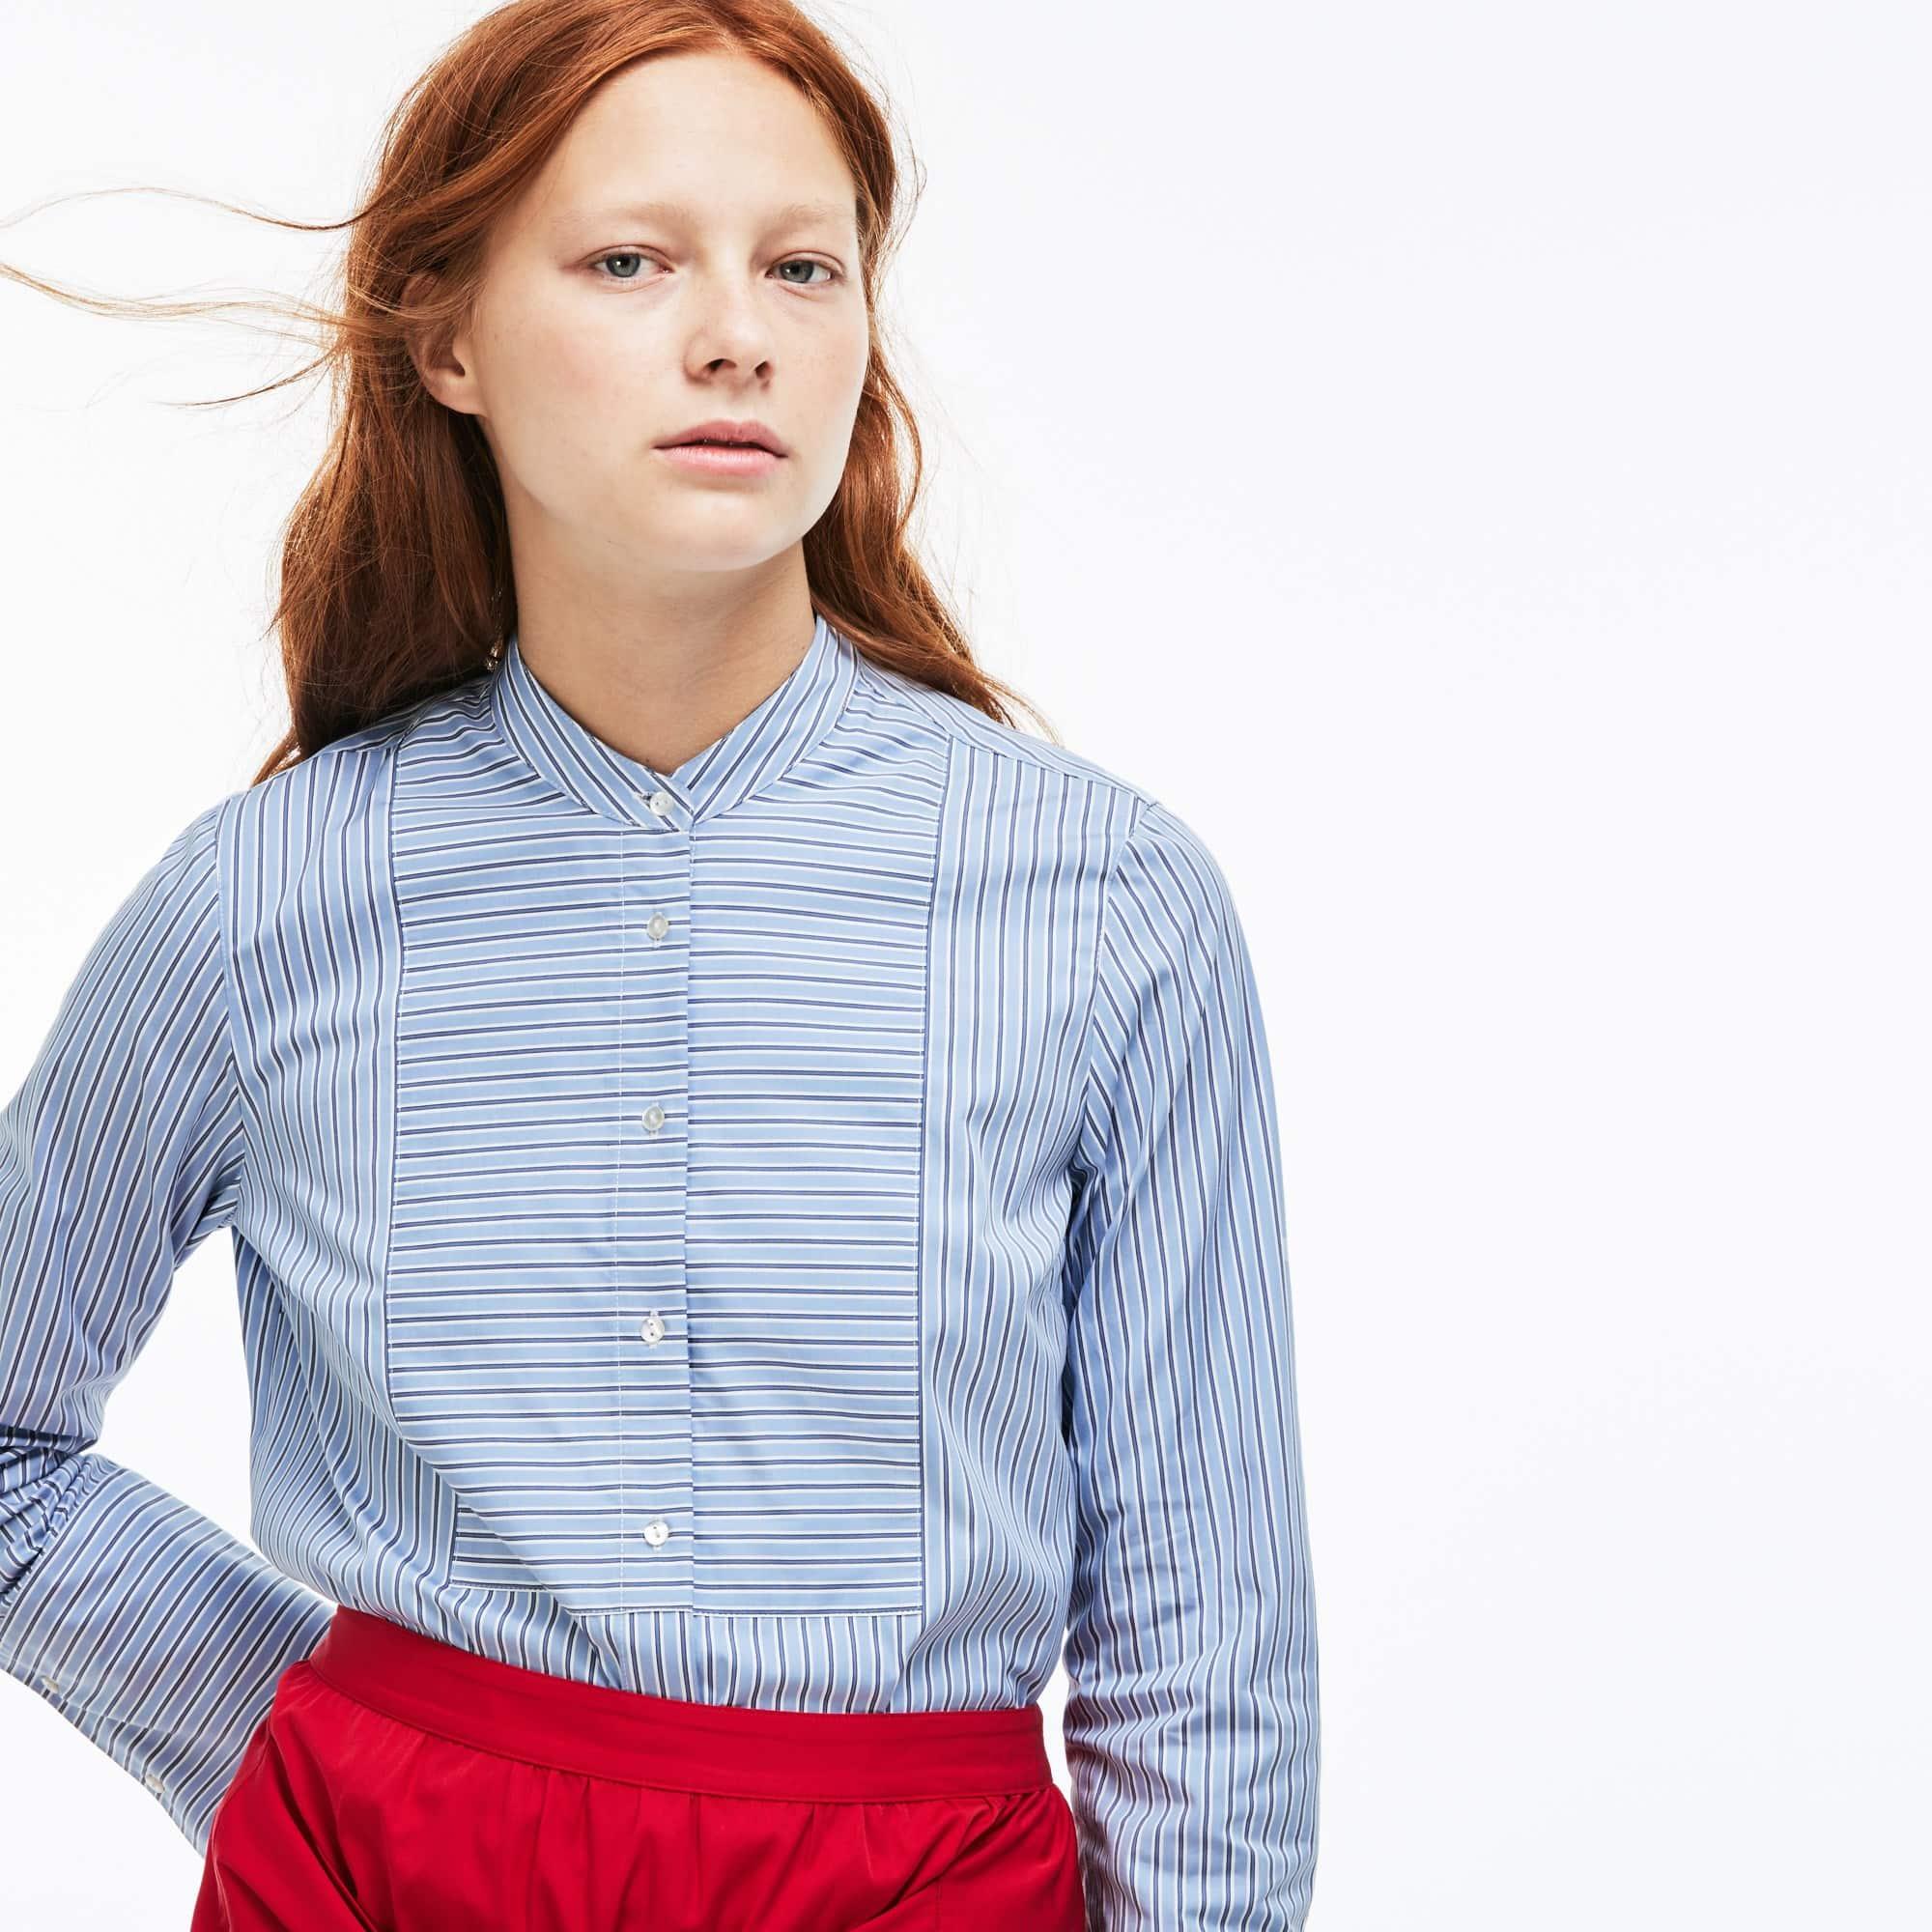 e3b14ae0fe Women's Shirts & Tops | Women's Fashion | LACOSTE LIVE